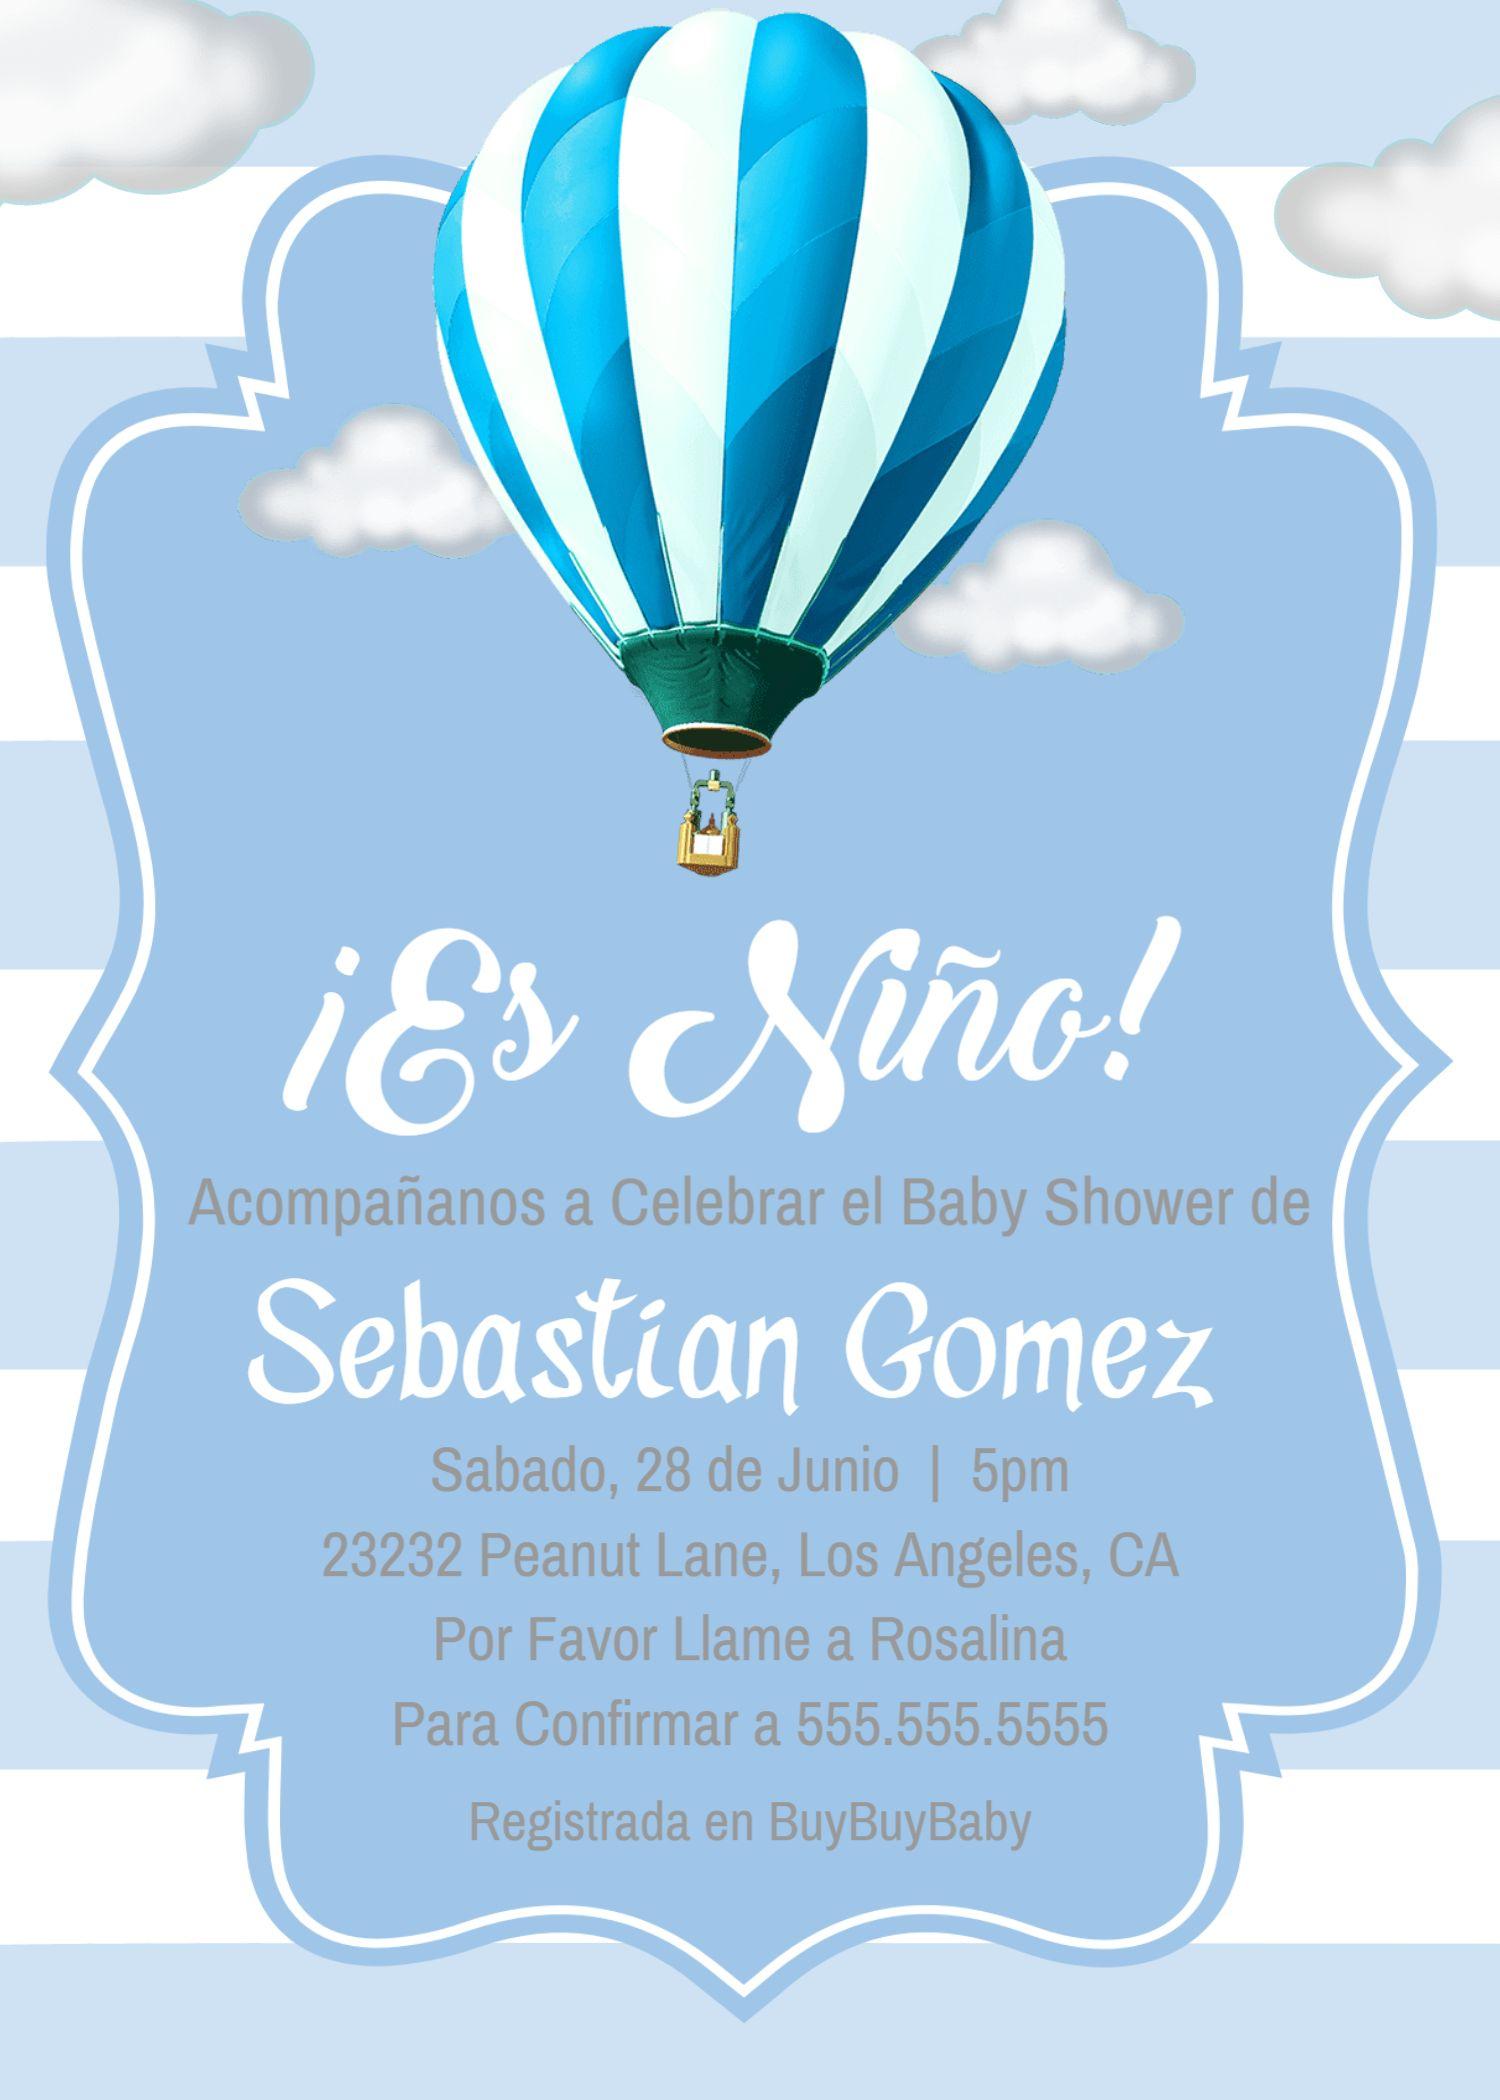 Es Niño Baby Shower Globo Aerostático Invitación Invite